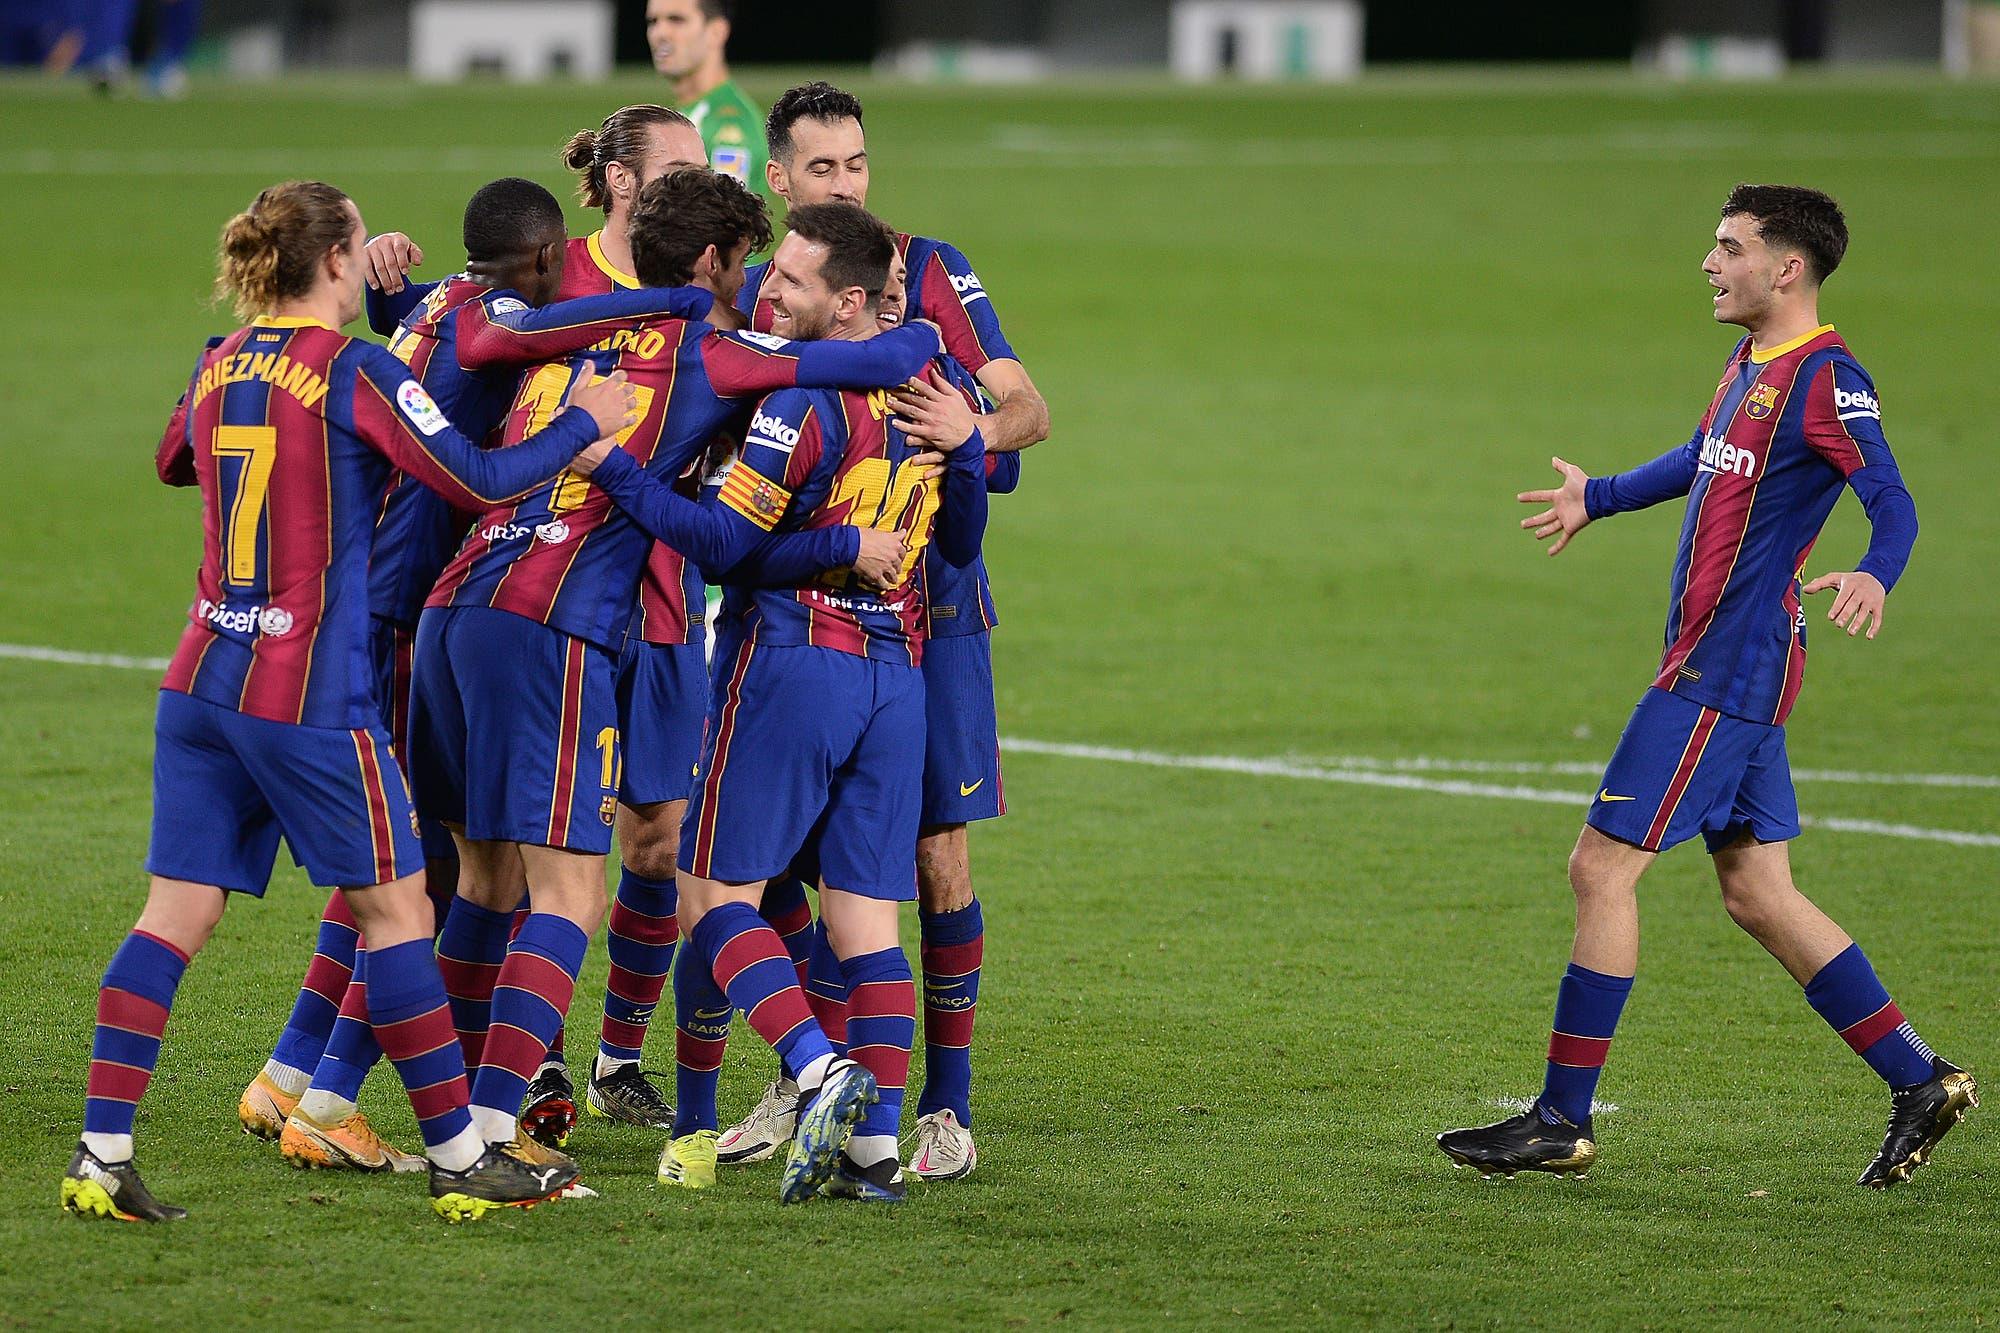 Entró Lionel Messi y en 35 minutos fue decisivo: ganó Barcelona y sigue dando pelea en la Liga de España